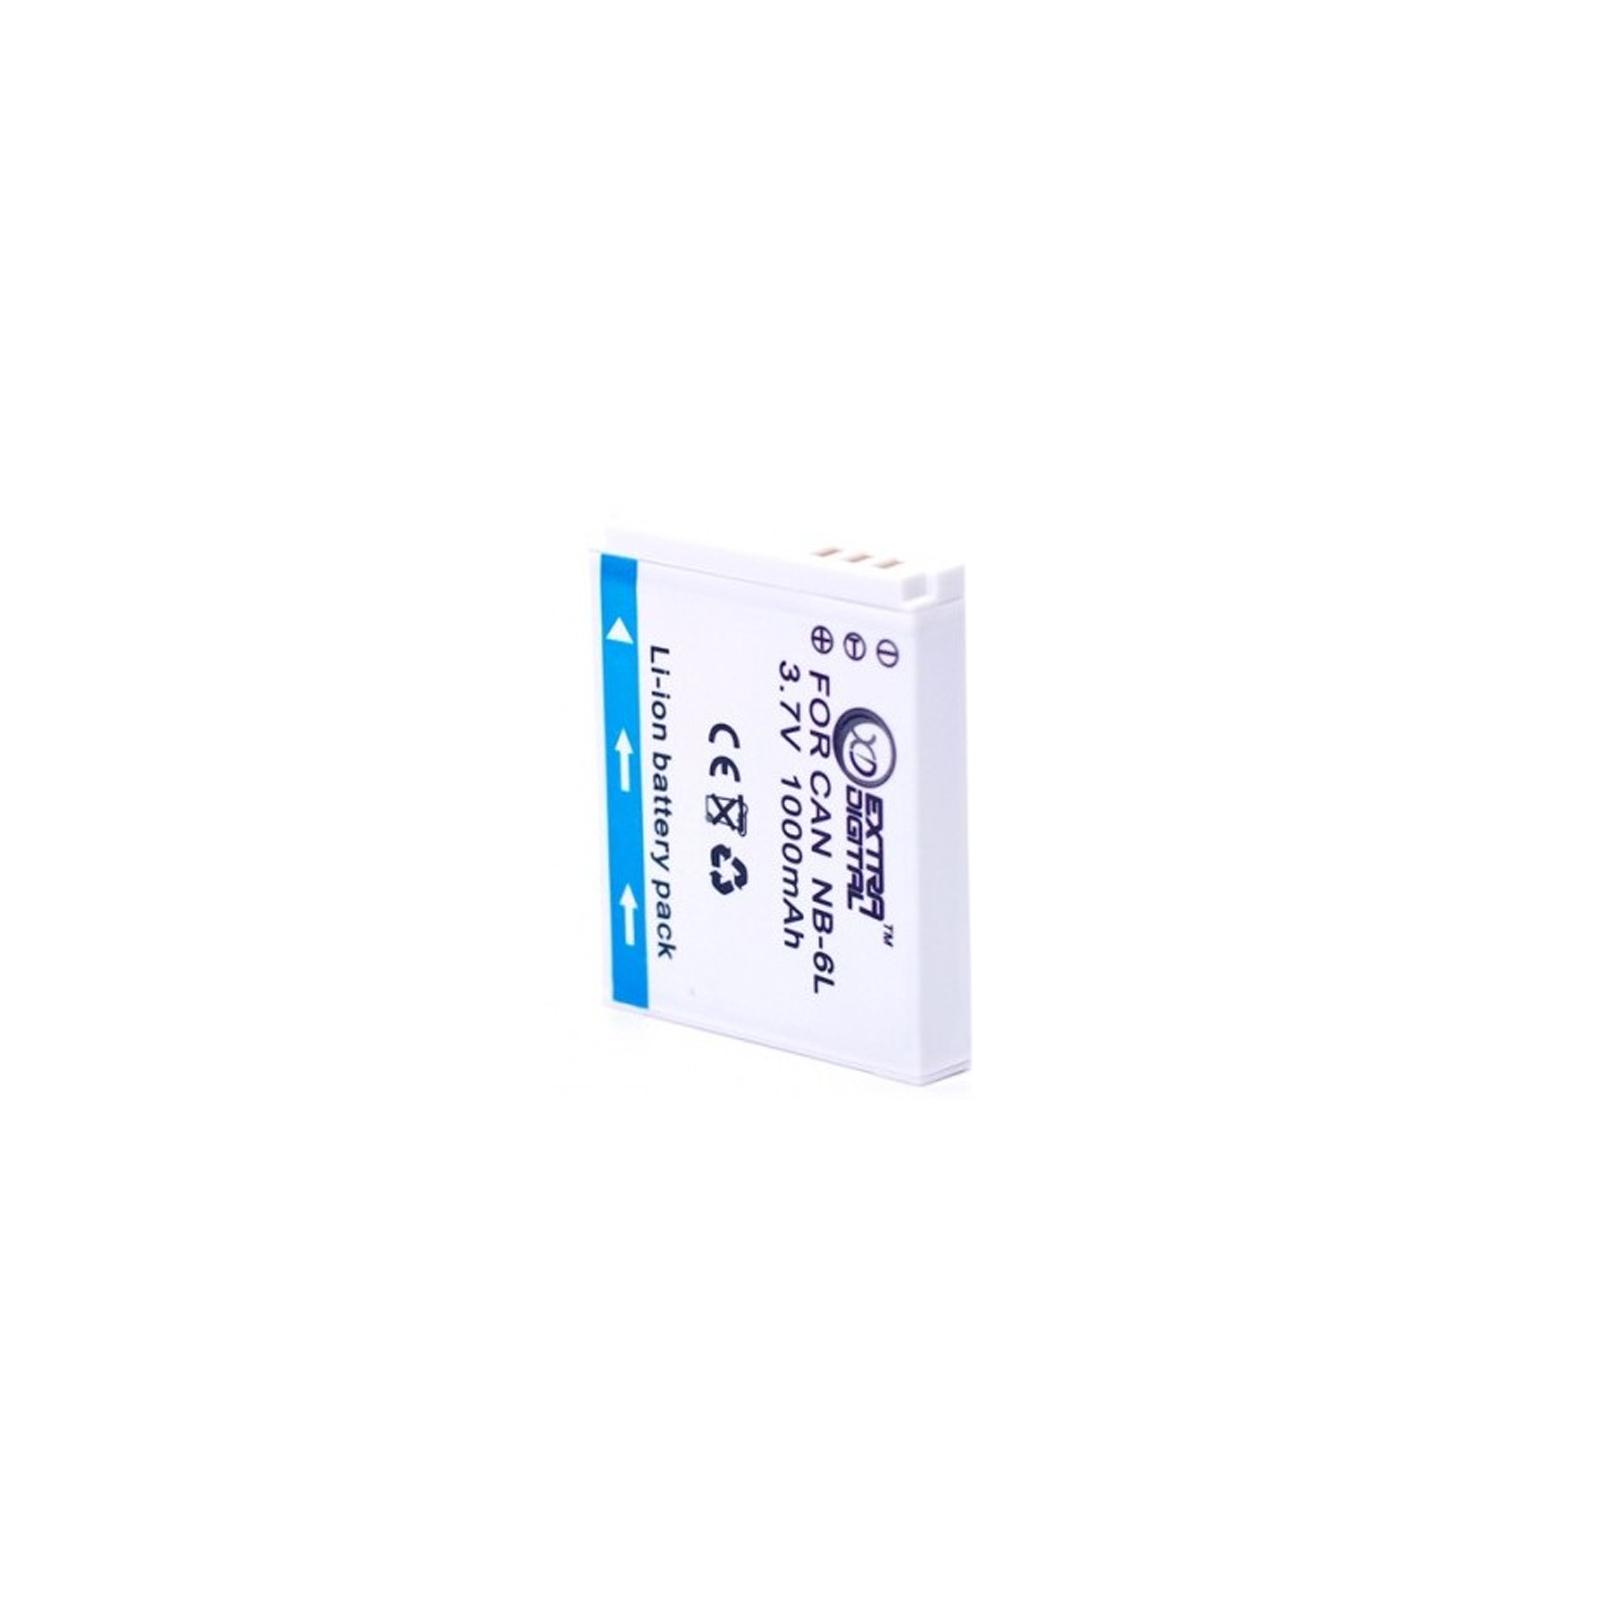 Аккумулятор к фото/видео EXTRADIGITAL Canon NB-6L (BDC2444) изображение 2